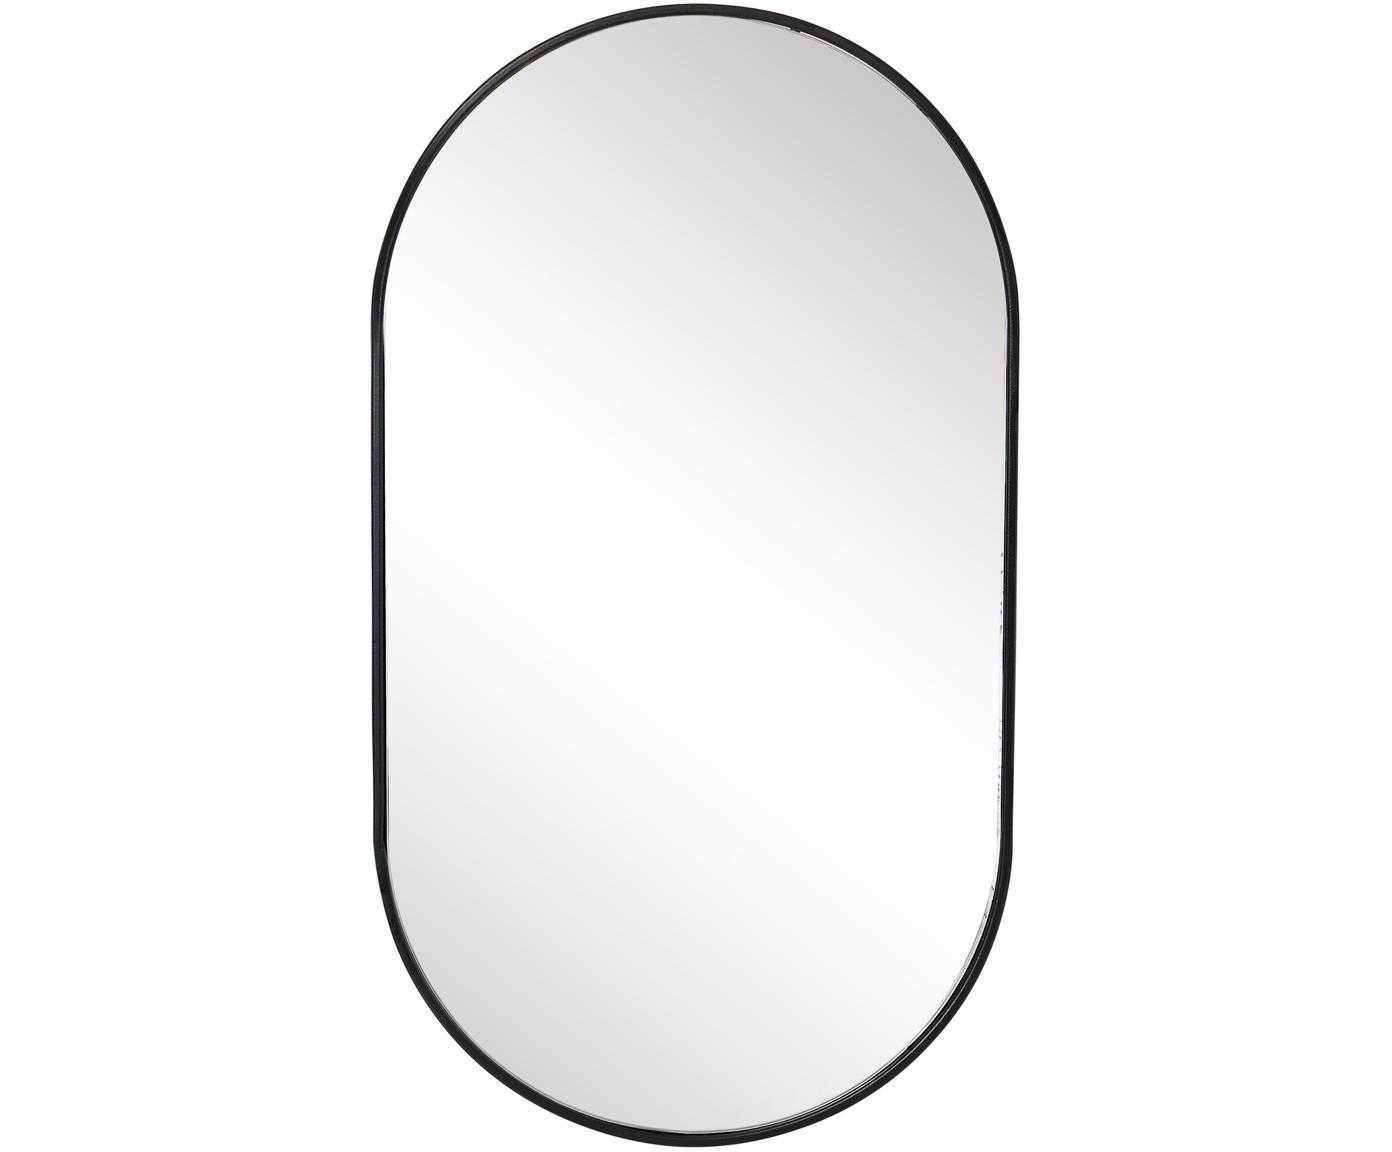 Specchio da parete con cornice in metallo Pelle, Cornice: metallo rivestito, Superficie dello specchio: lastra di vetro, Nero, Larg. 33 x Alt. 66 cm